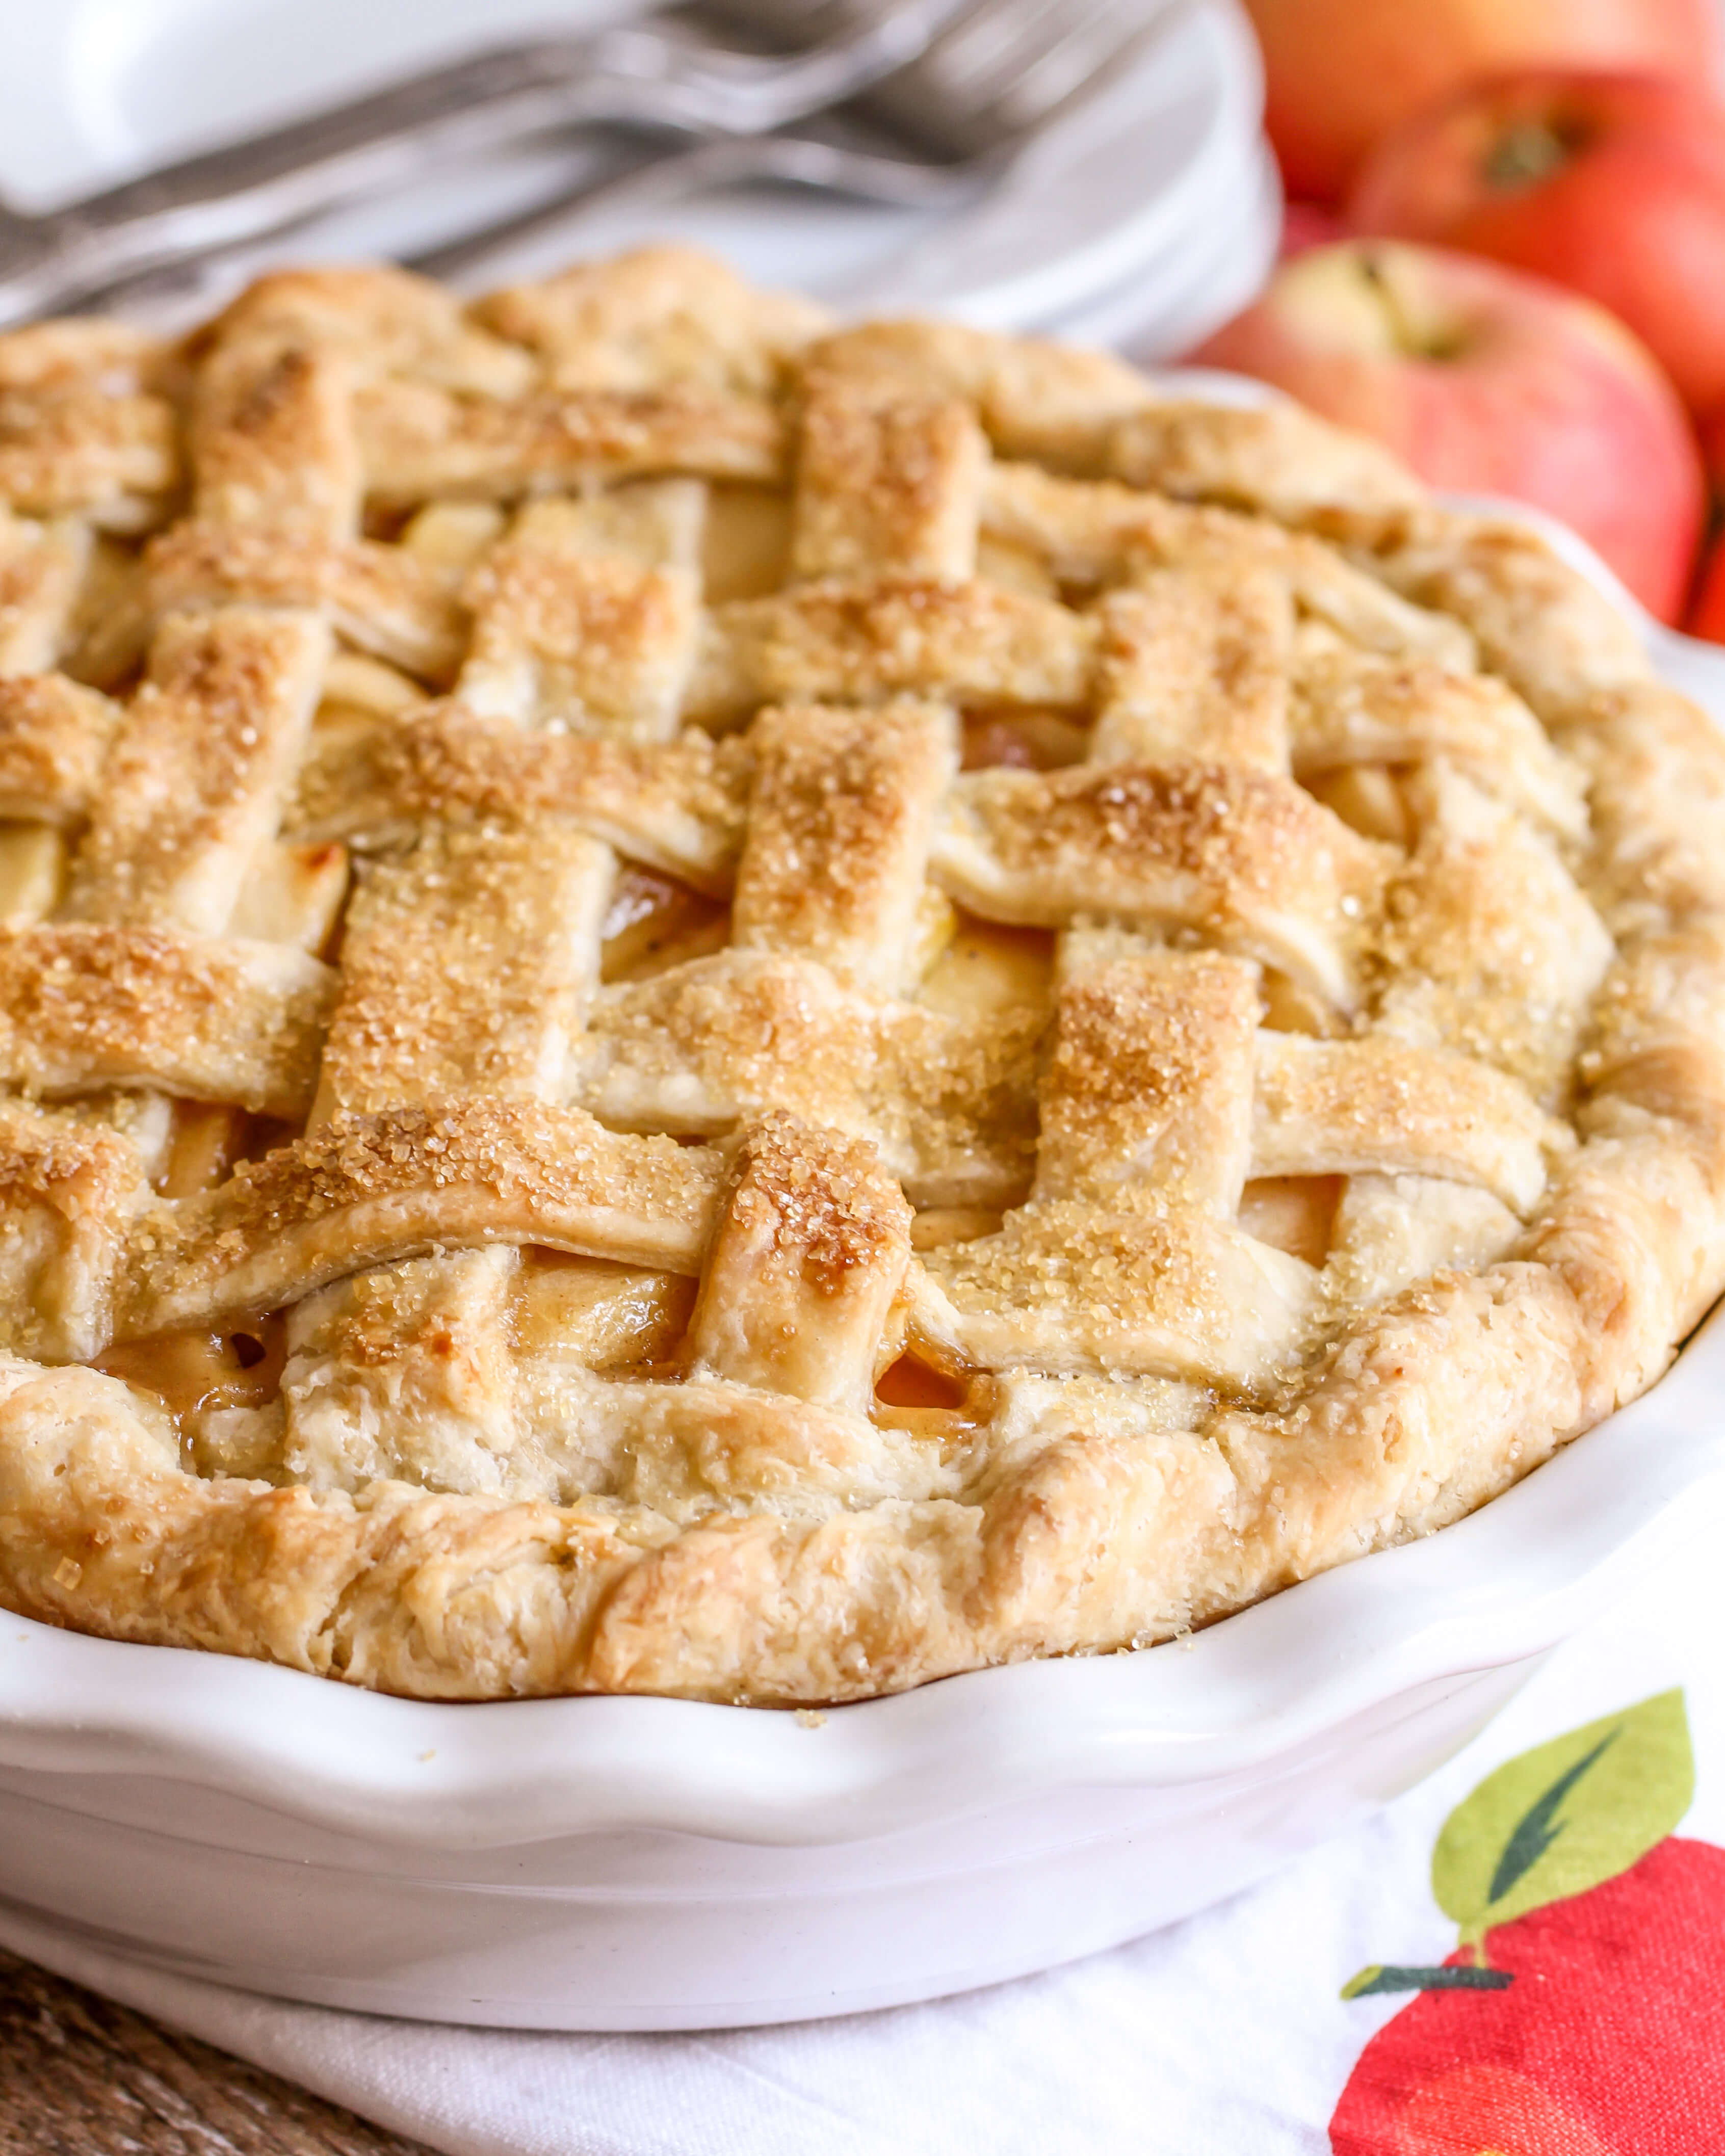 19. Apple Pie